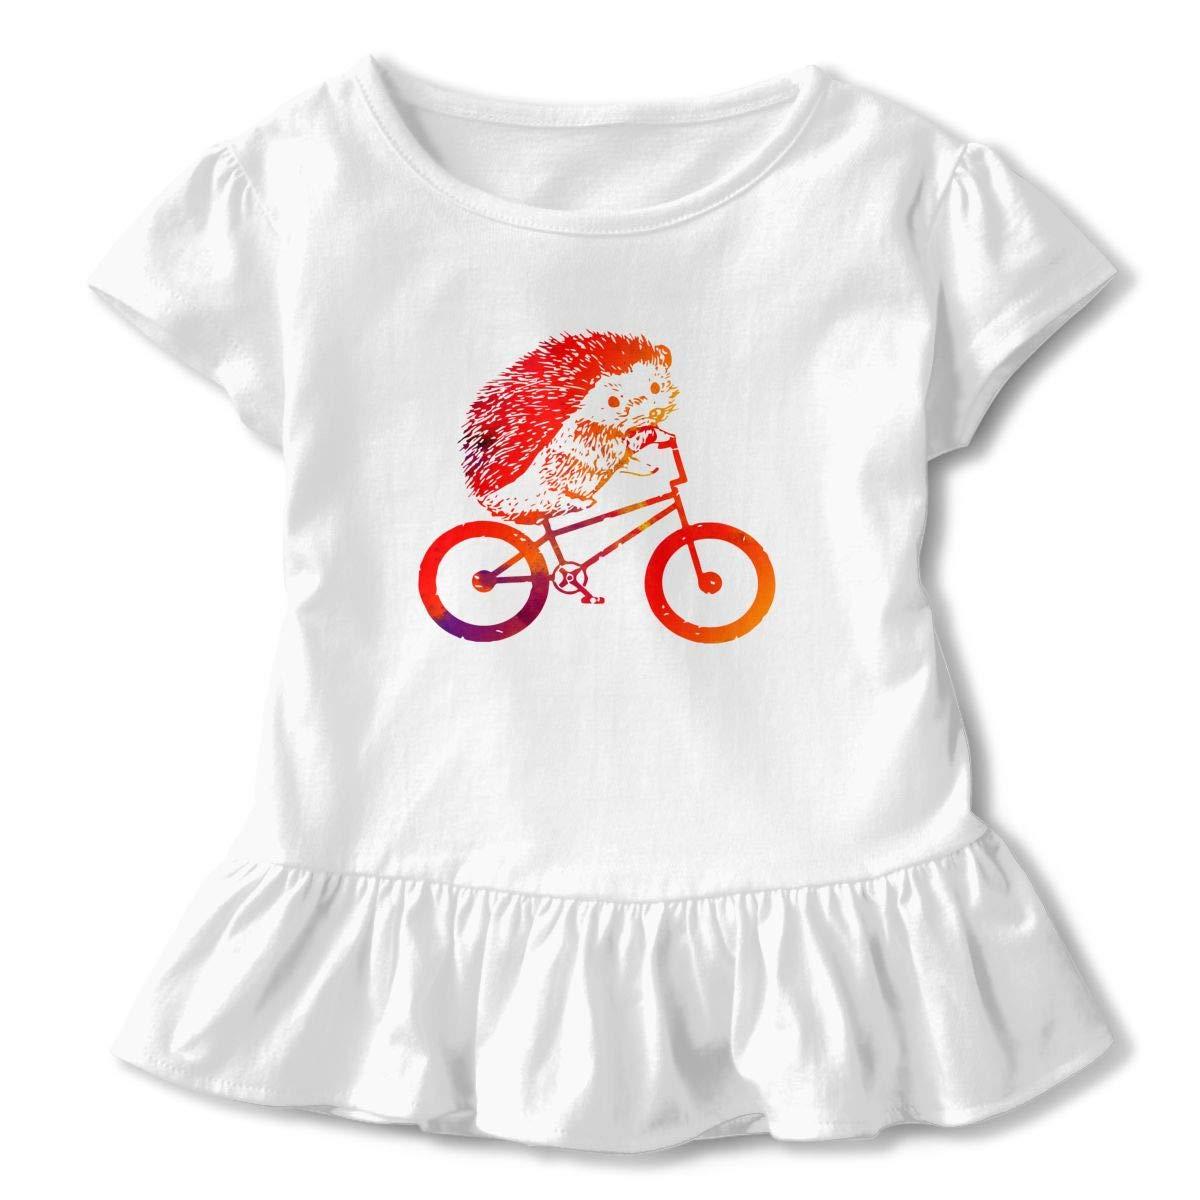 Cheng Jian Bo Cute Hedgehog Riding Toddler Girls T Shirt Kids Cotton Short Sleeve Ruffle Tee